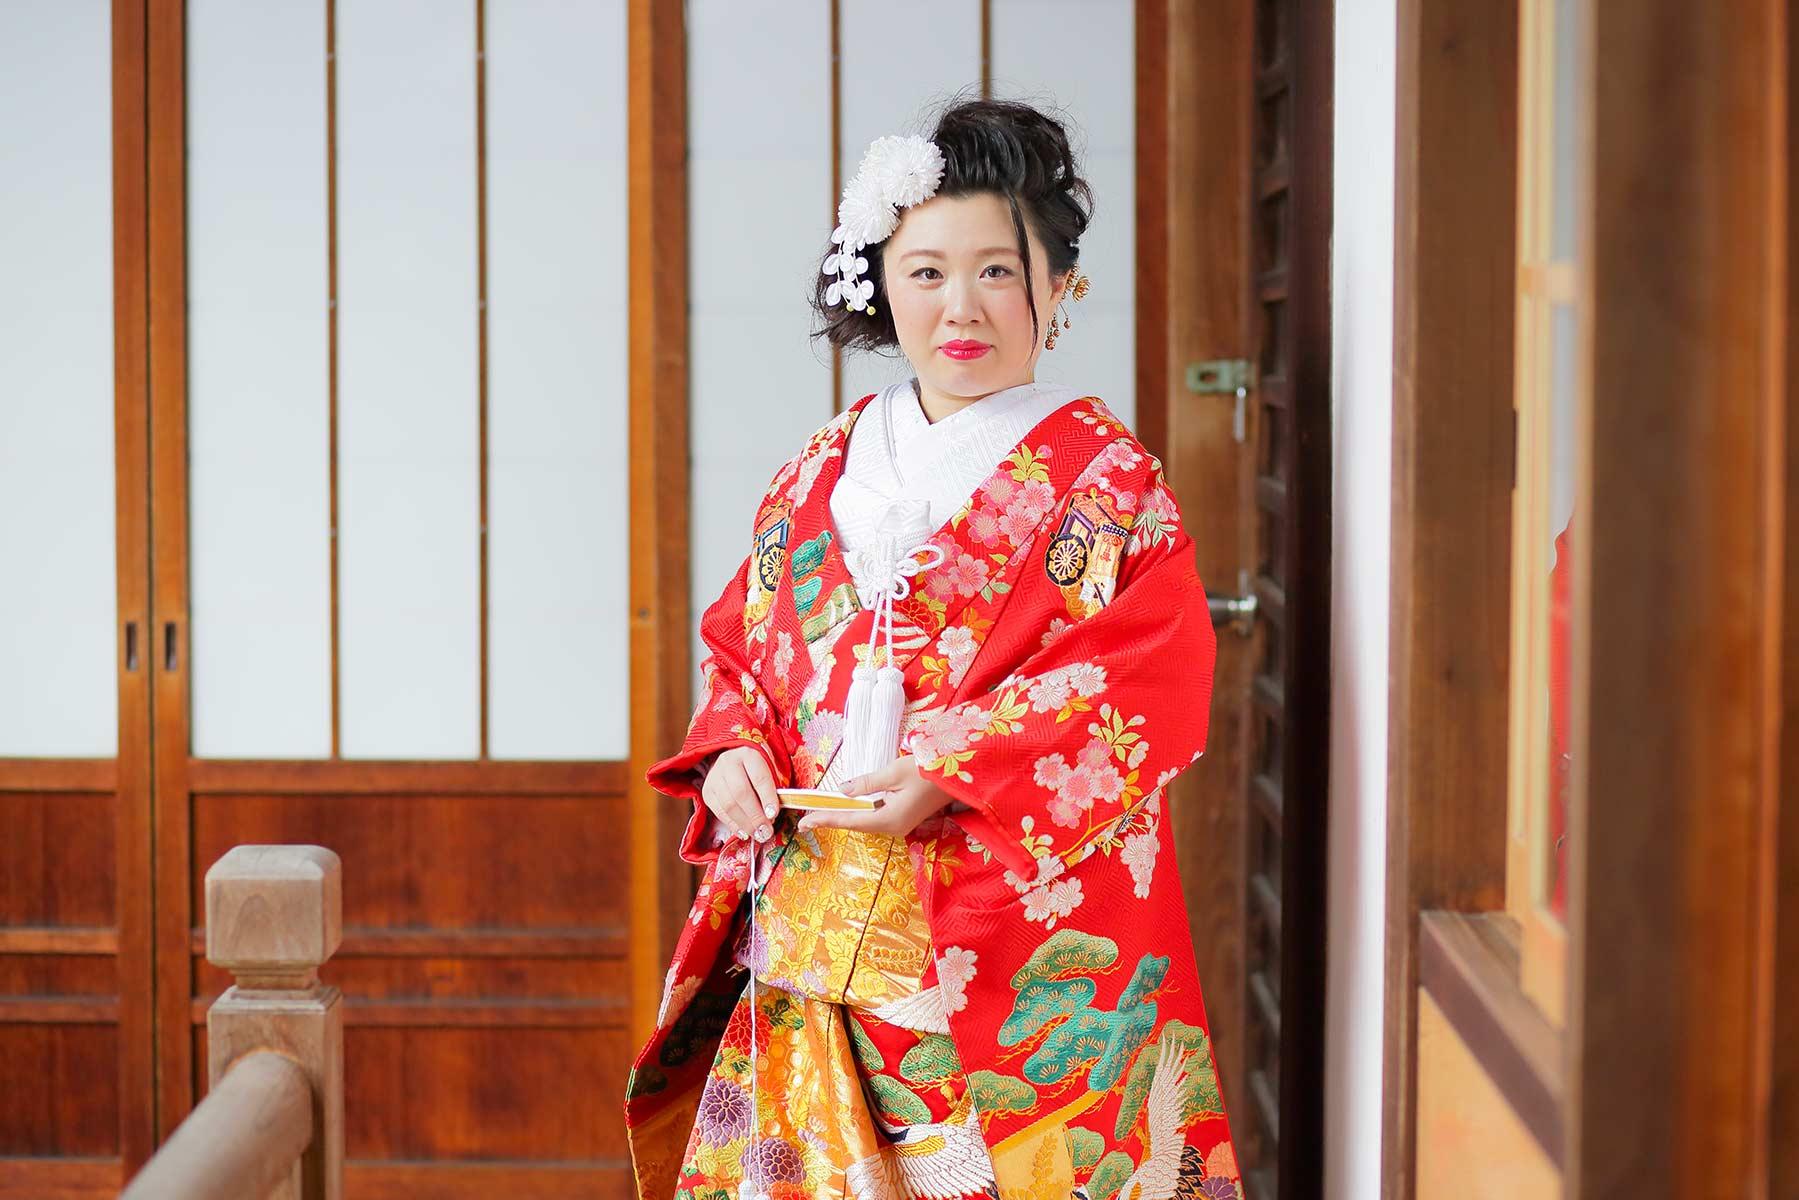 お寺の境内での花嫁様のバストアップお写真